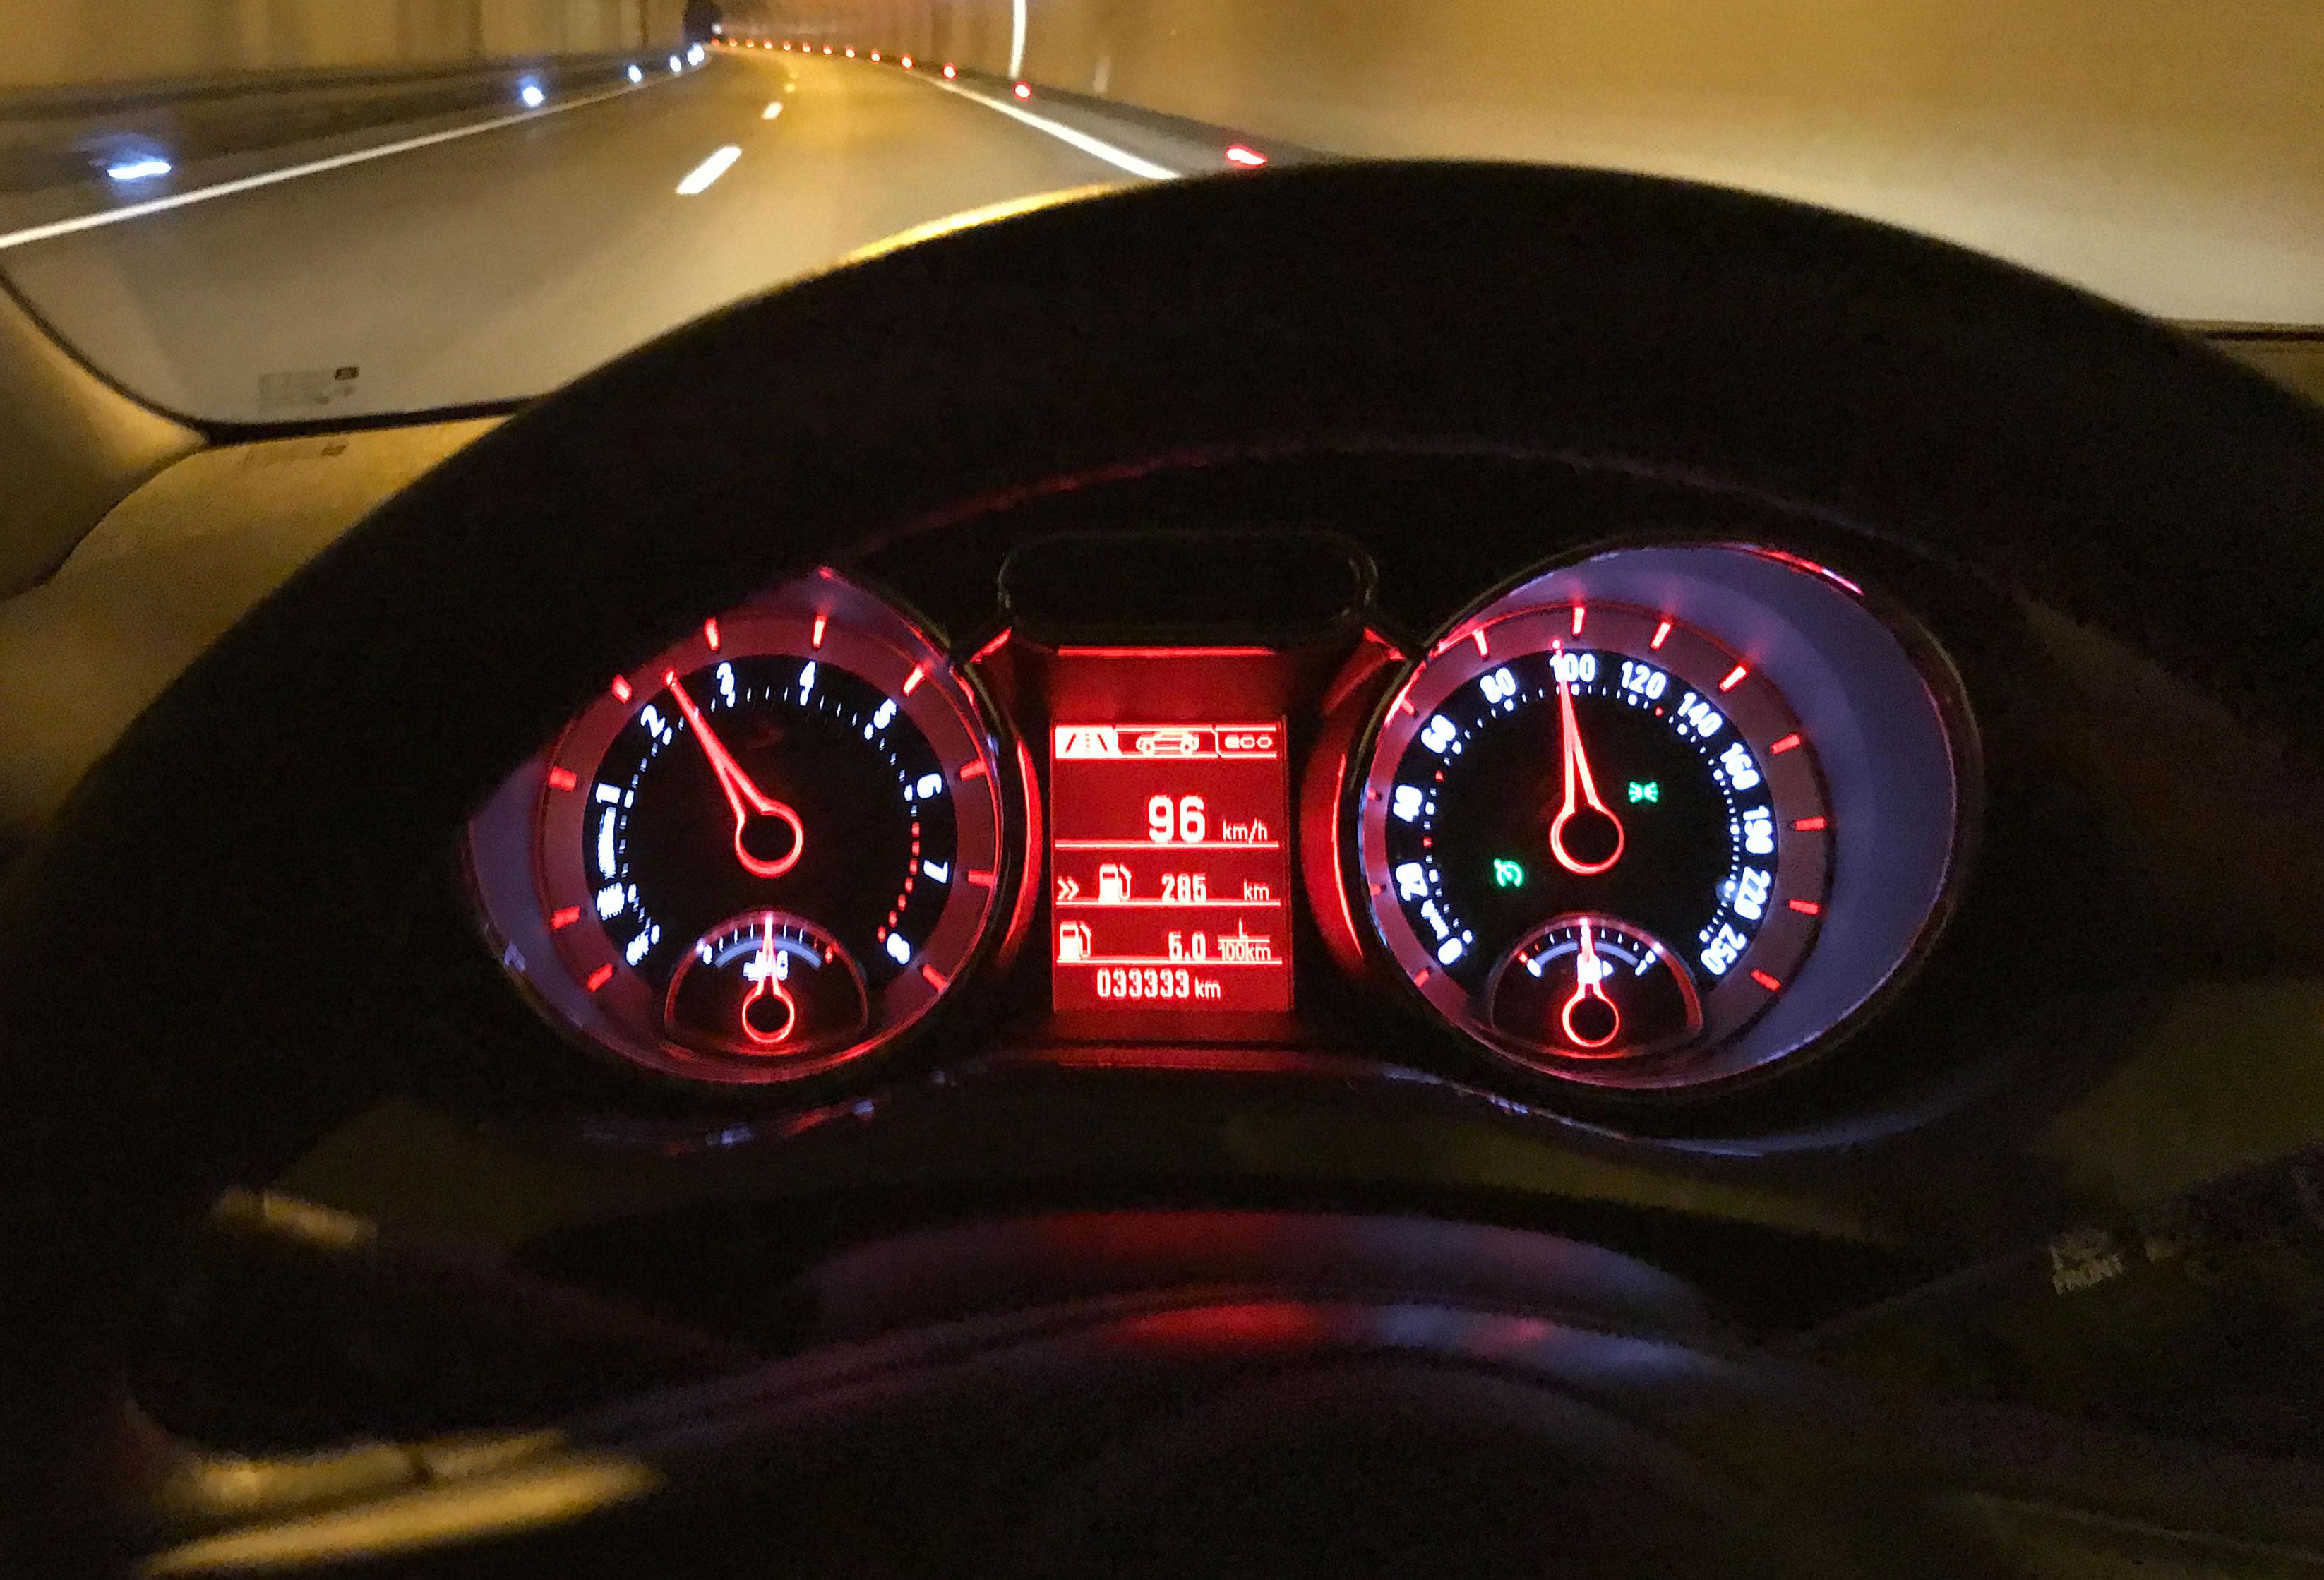 Opel Adam S 33333km